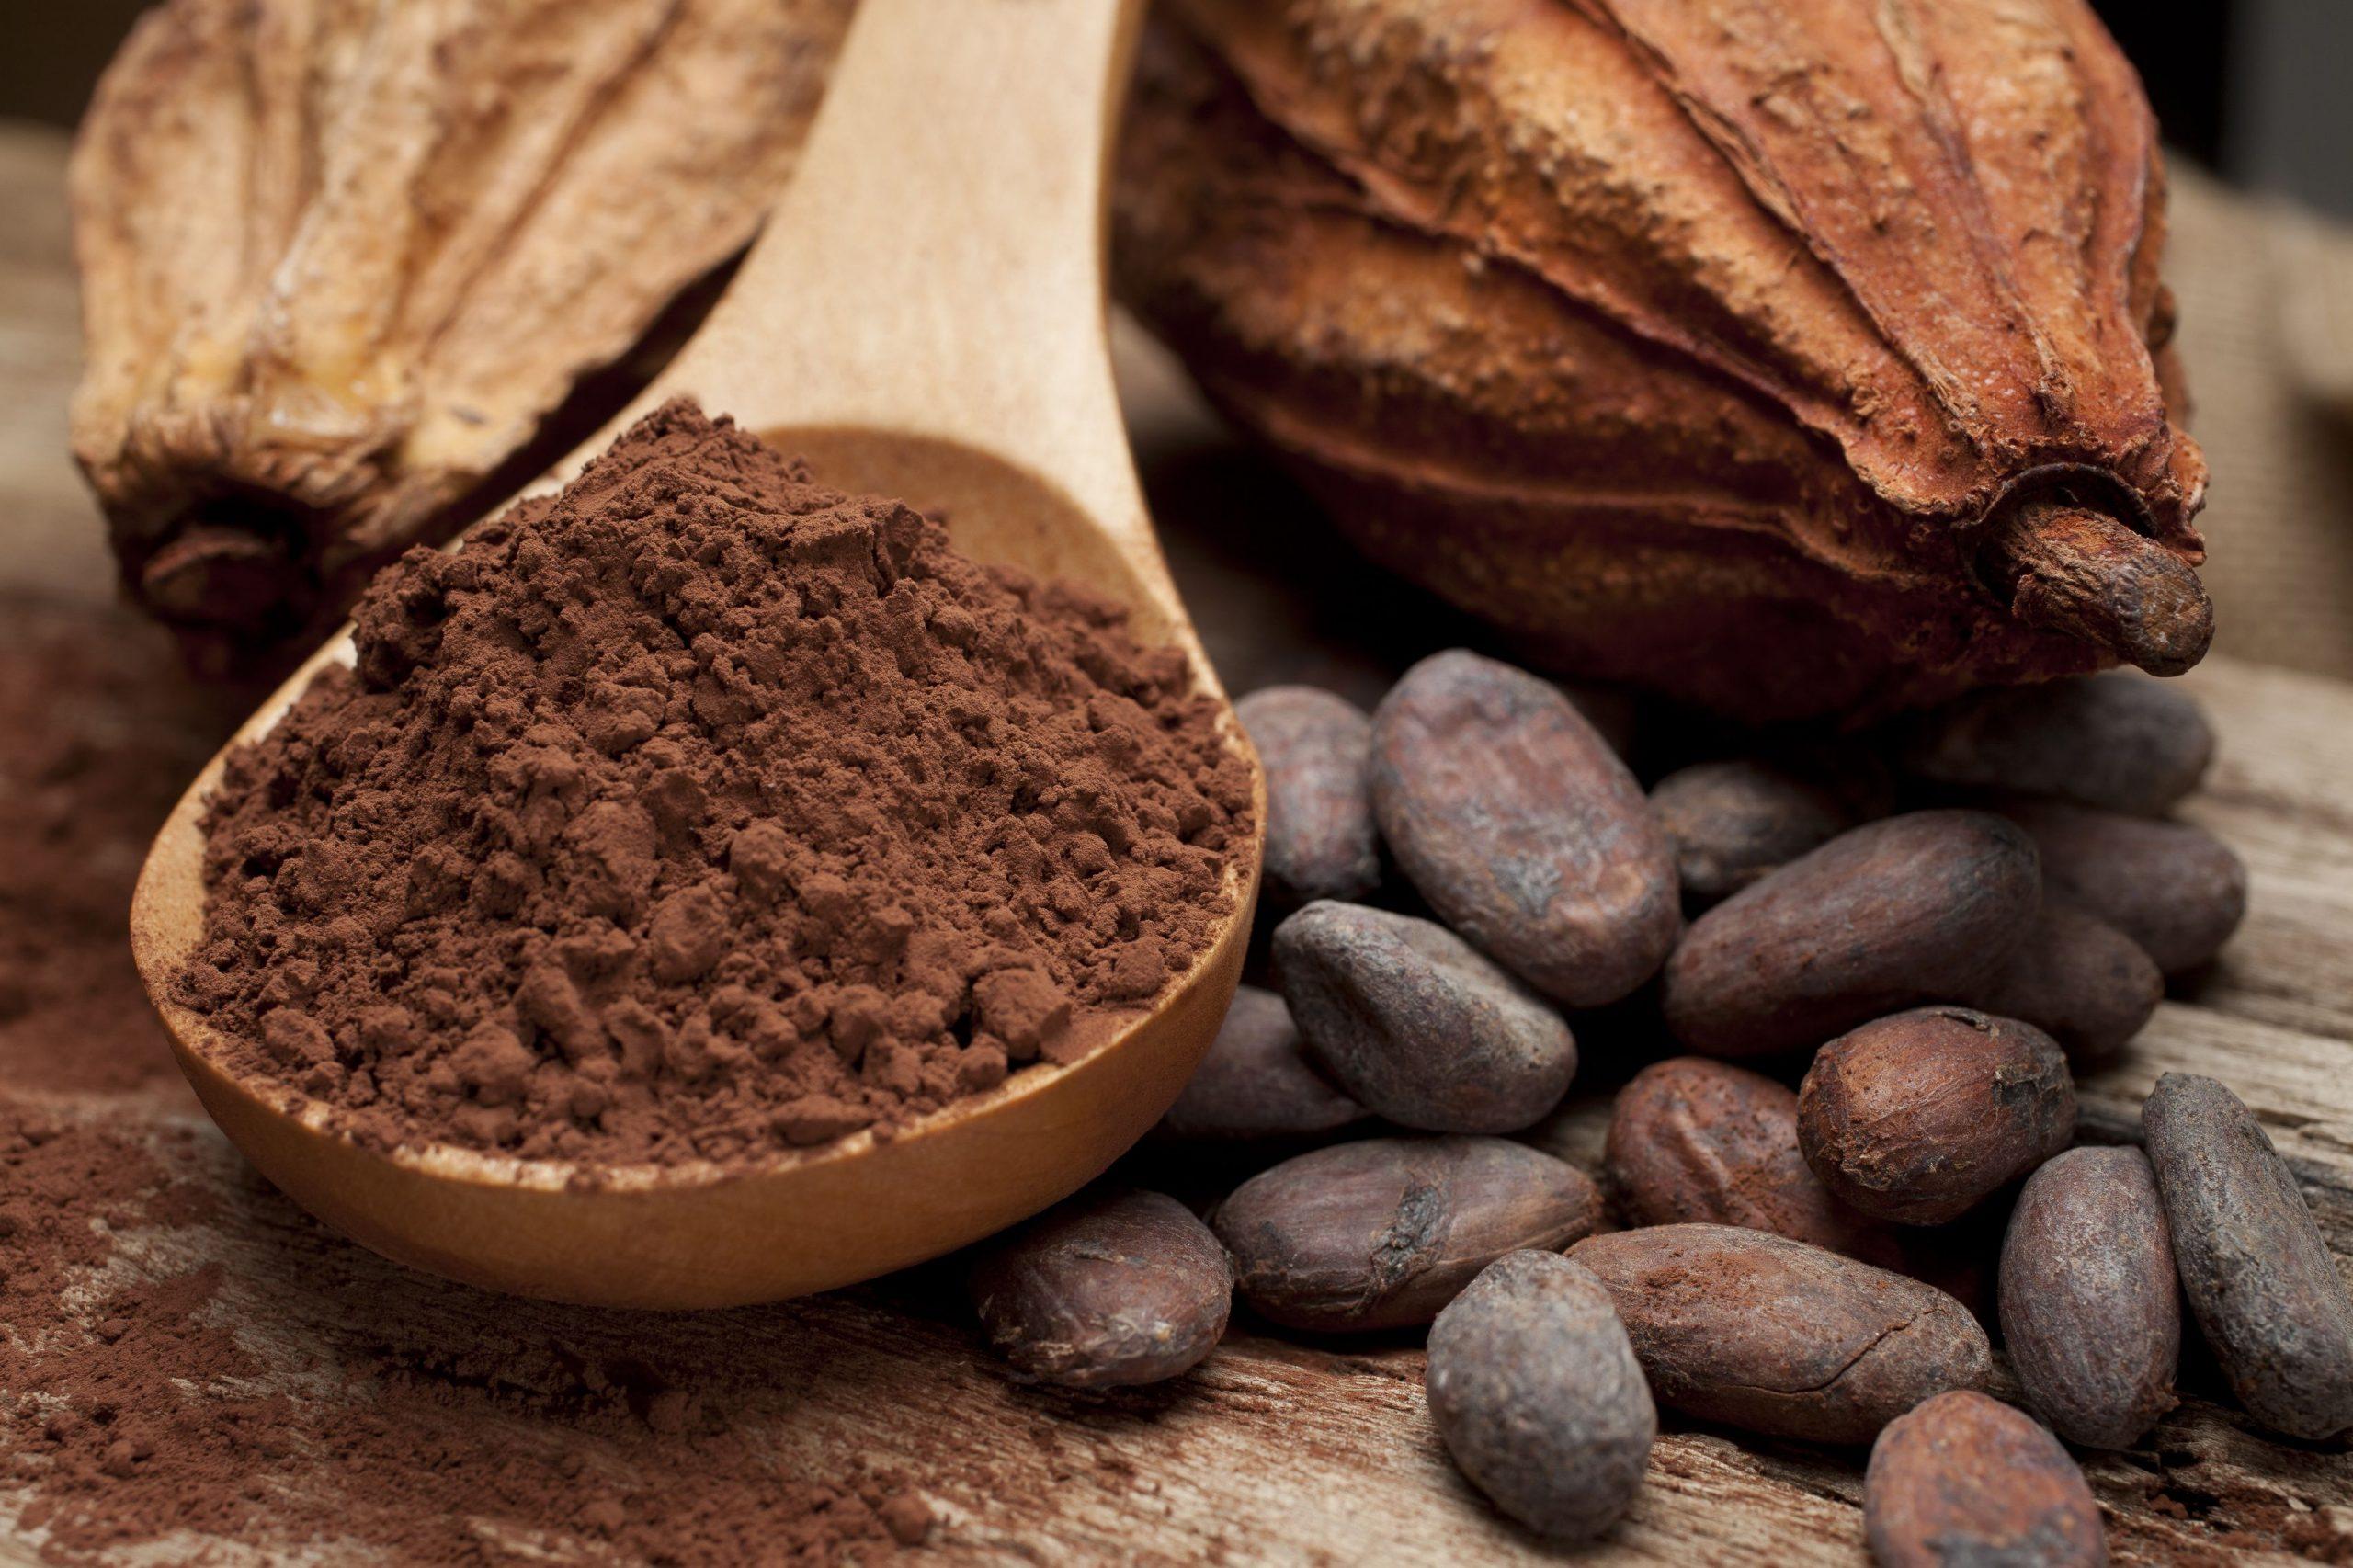 Manfaat Cokelat dan cara Konsumsinya